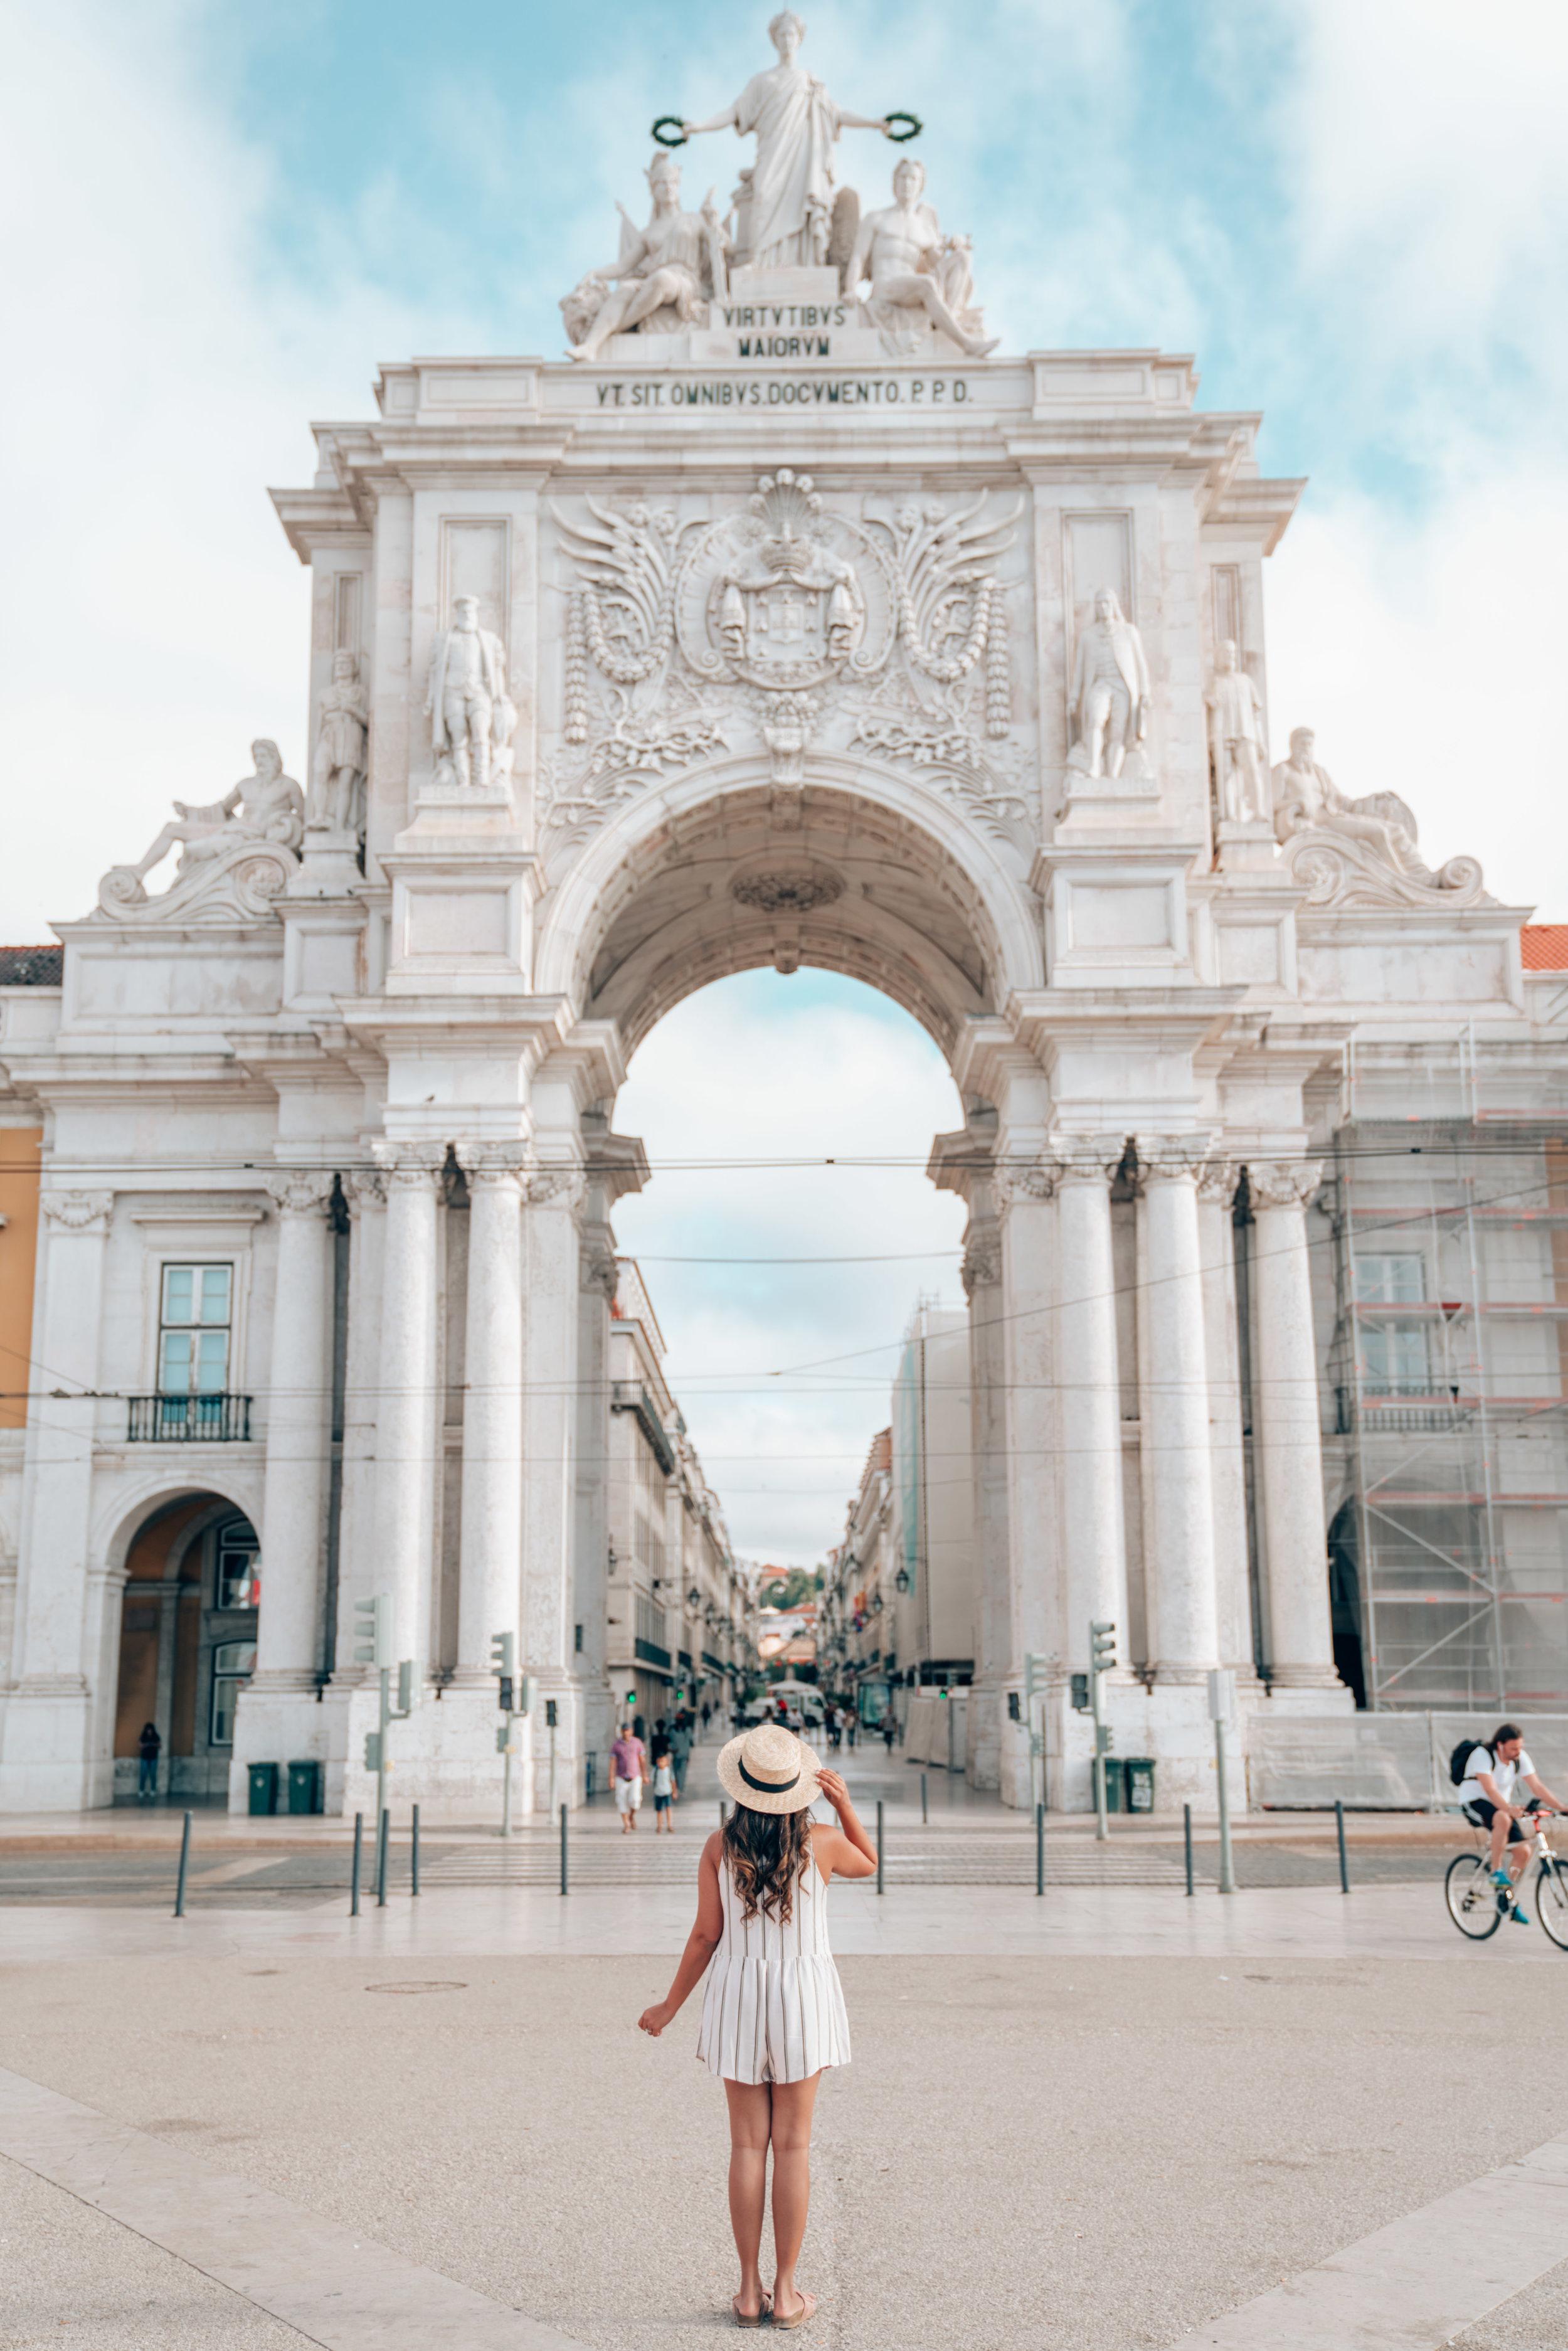 Praca do Comercio Square Lisbon Portugal